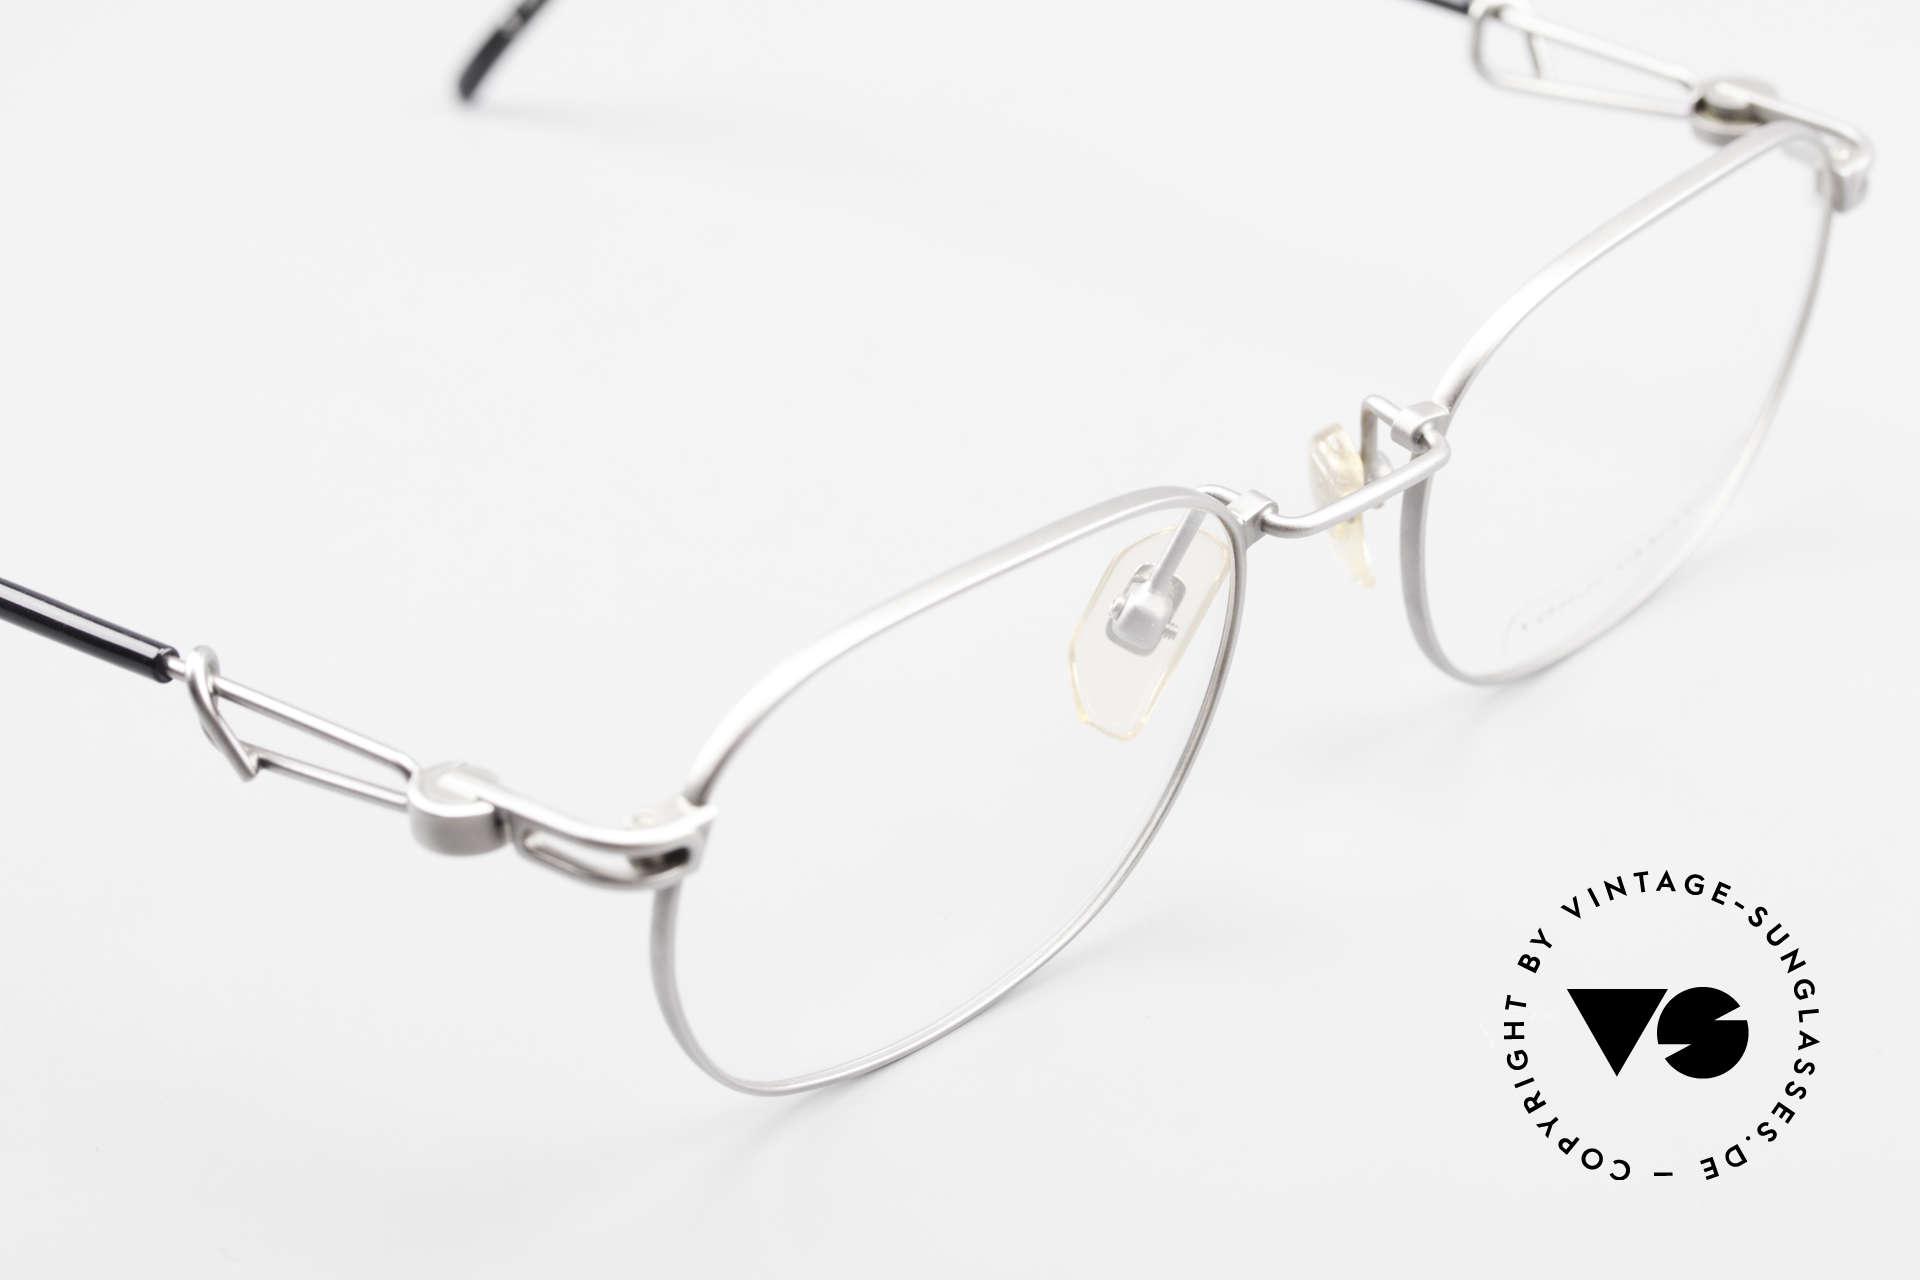 Yohji Yamamoto 51-4113 Titan Designerbrille Vintage, Fassung ist beliebig verglasbar (optisch oder Sonne), Passend für Herren und Damen